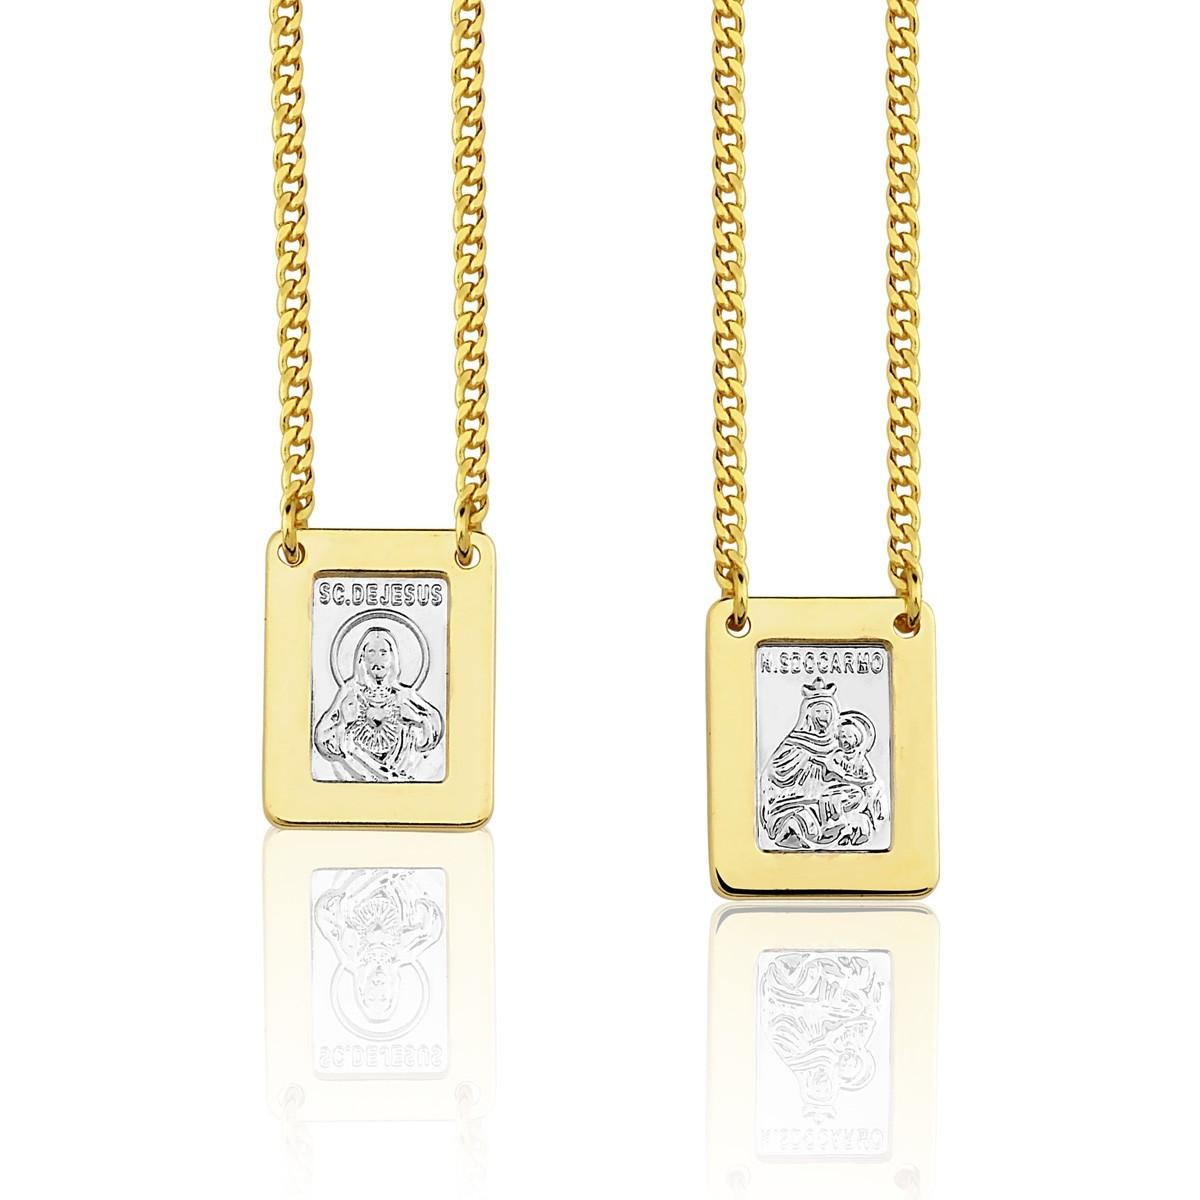 Escapulário nossa senhora do carmo e sagrado coração banhado a ouro 18k com detalhe em ródio branco